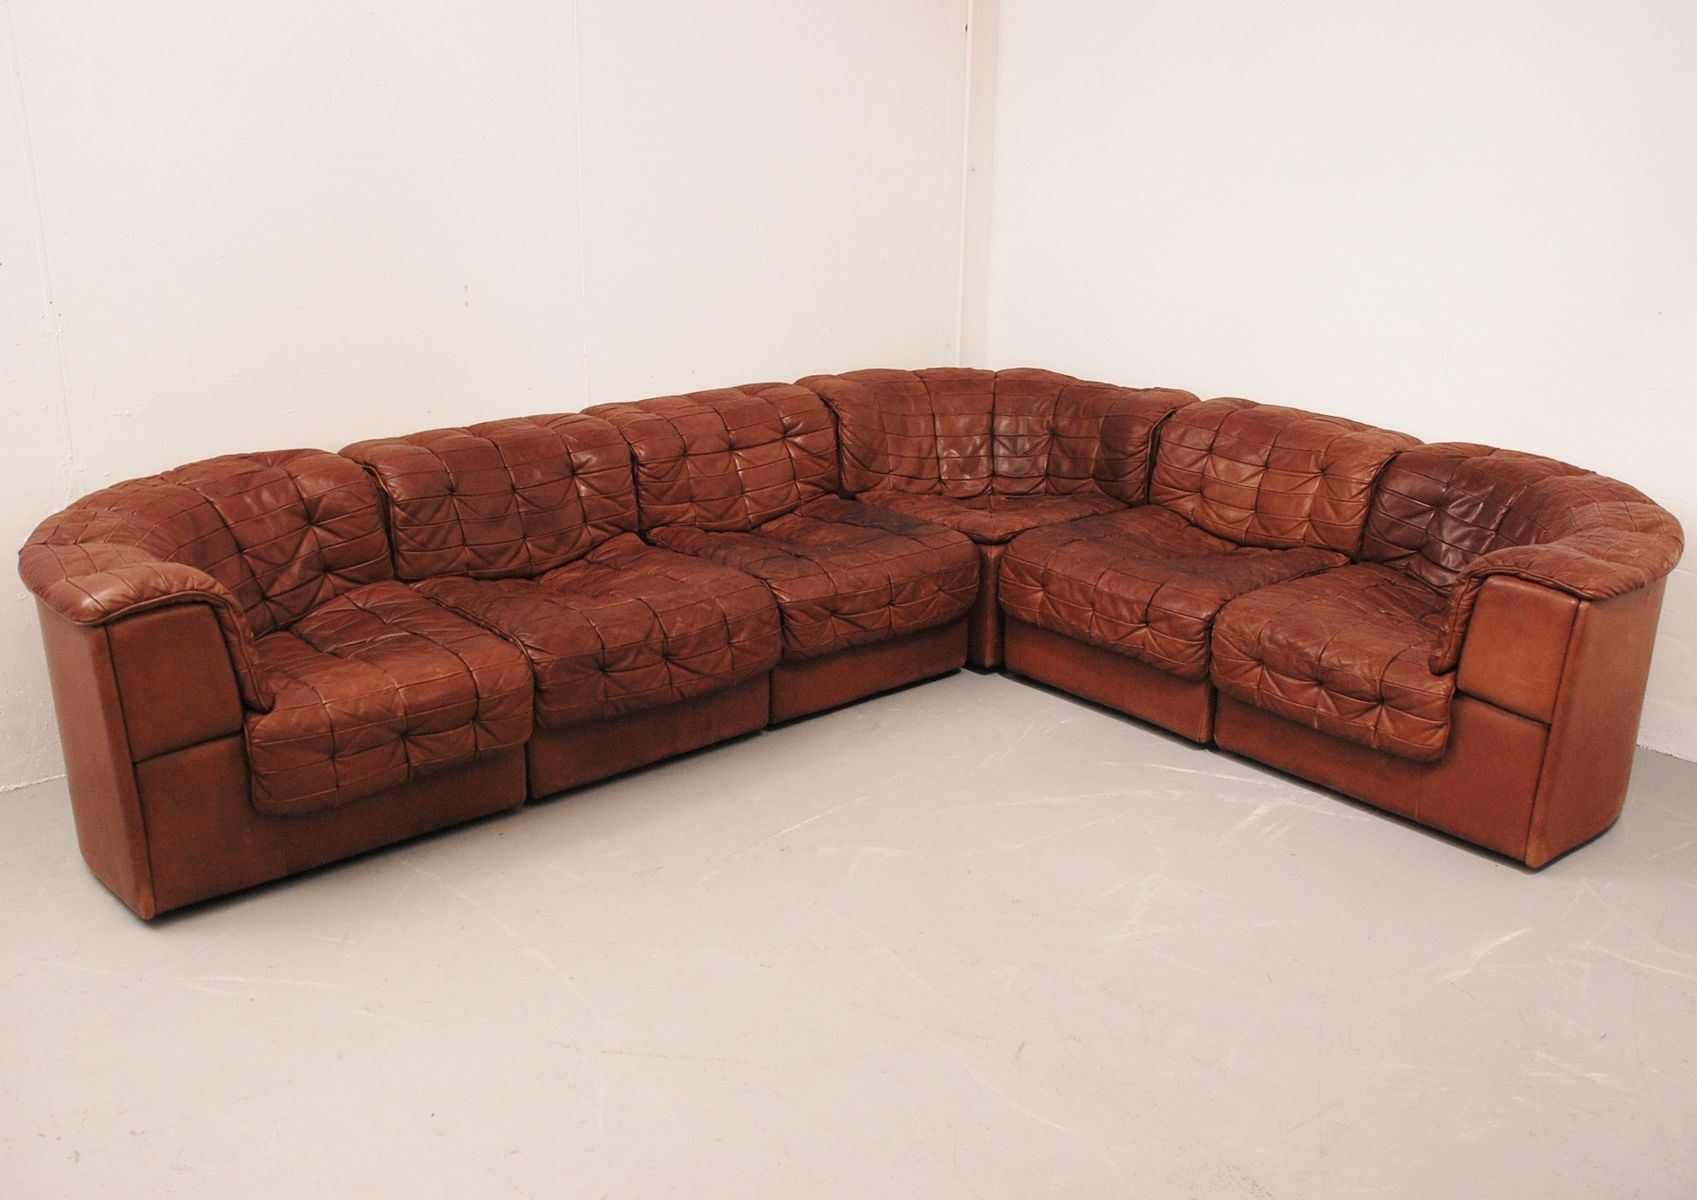 ds 11 wohnzimmergarnitur von de sede. Black Bedroom Furniture Sets. Home Design Ideas